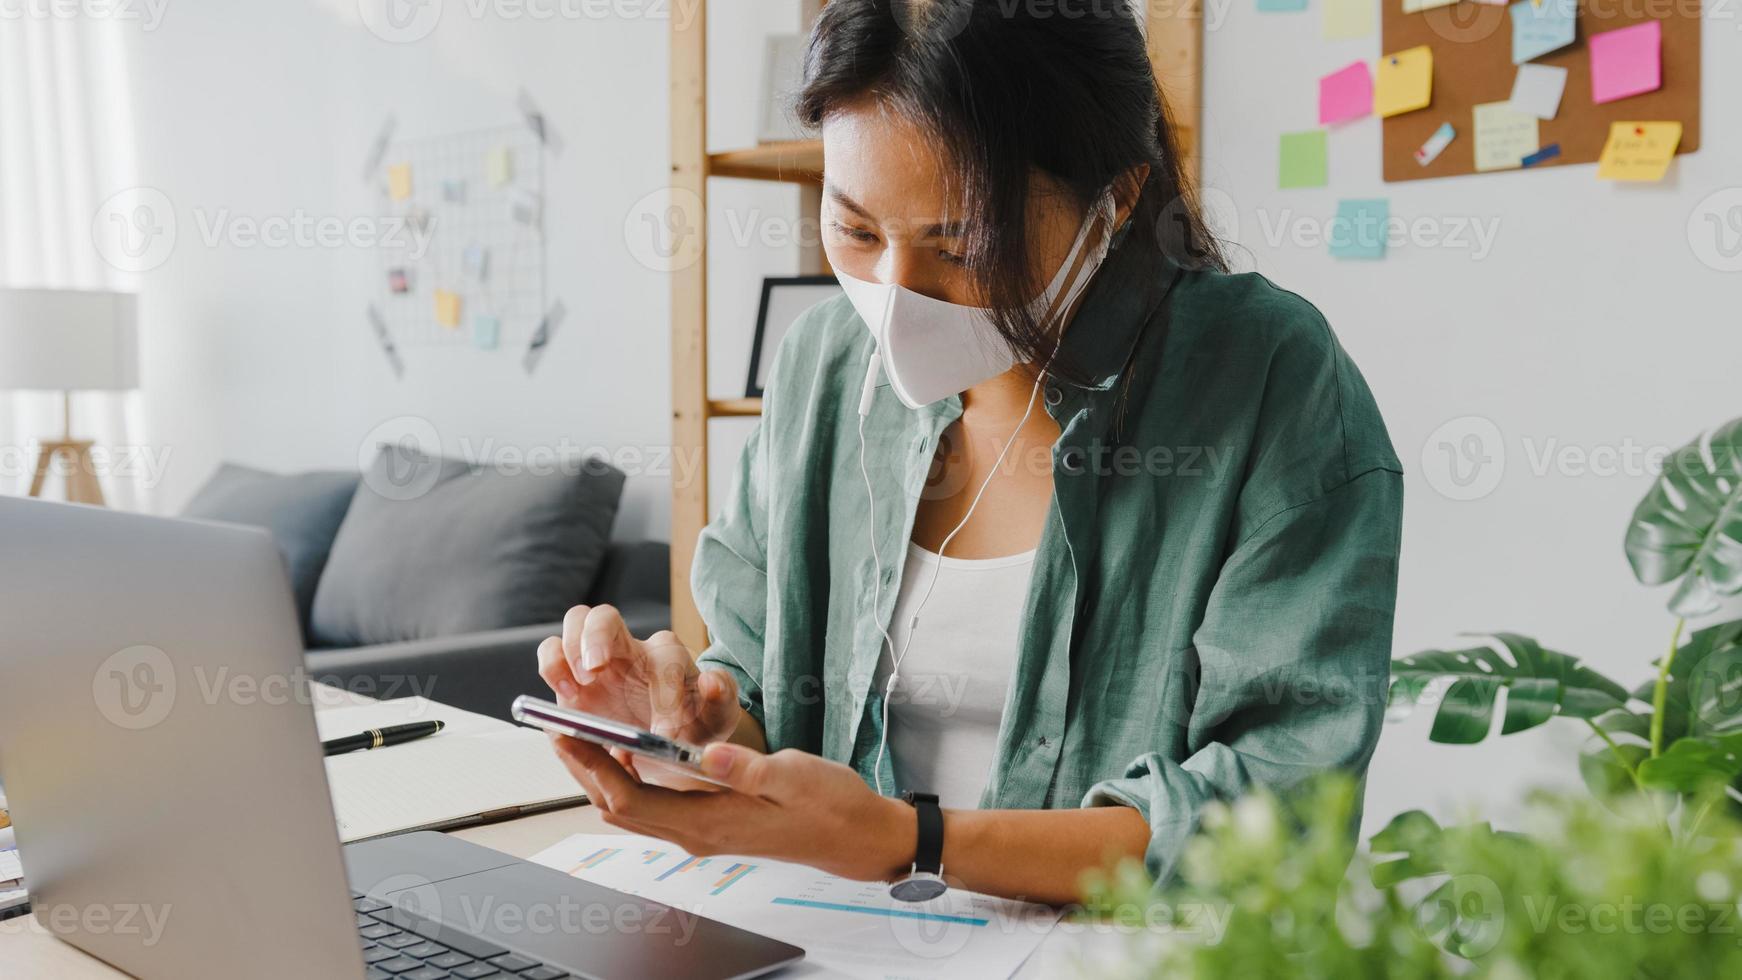 Las mujeres asiáticas autónomas usan mascarilla usando teléfonos inteligentes comprando en línea a través del sitio web mientras están sentadas en el escritorio en la sala de estar. trabajar desde casa, trabajar a distancia, distanciamiento social, cuarentena por coronavirus. foto